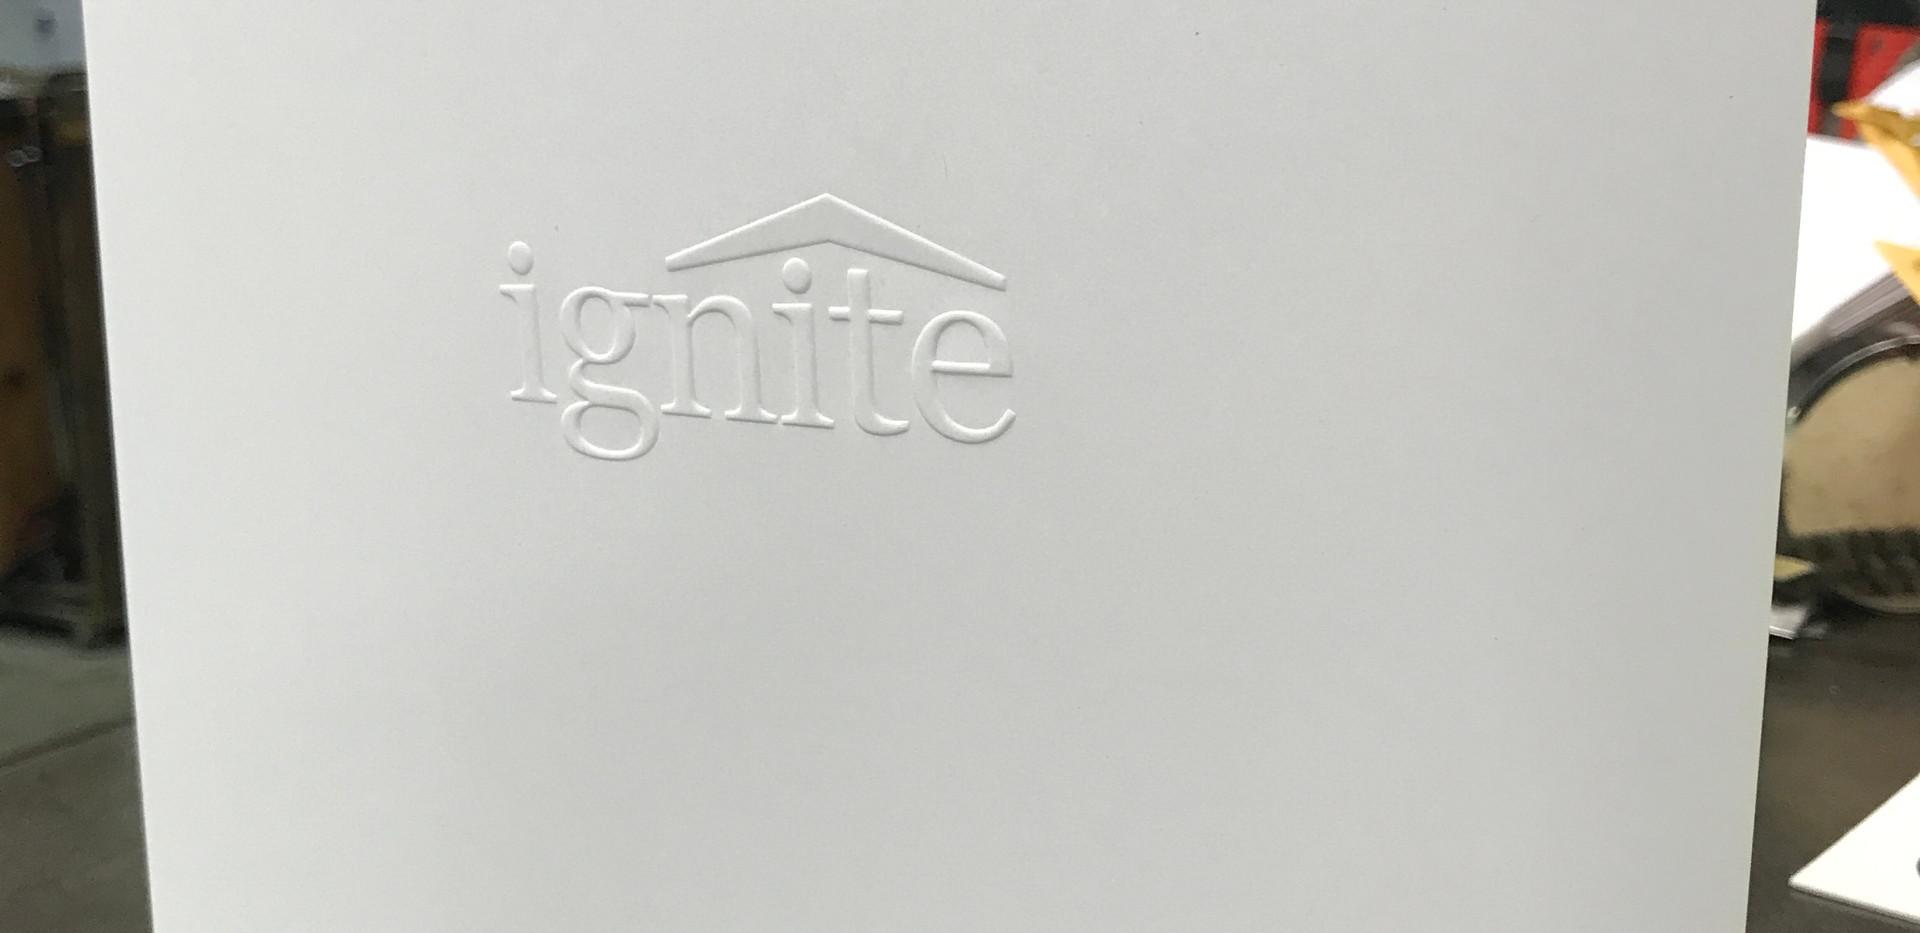 Ignite Cover